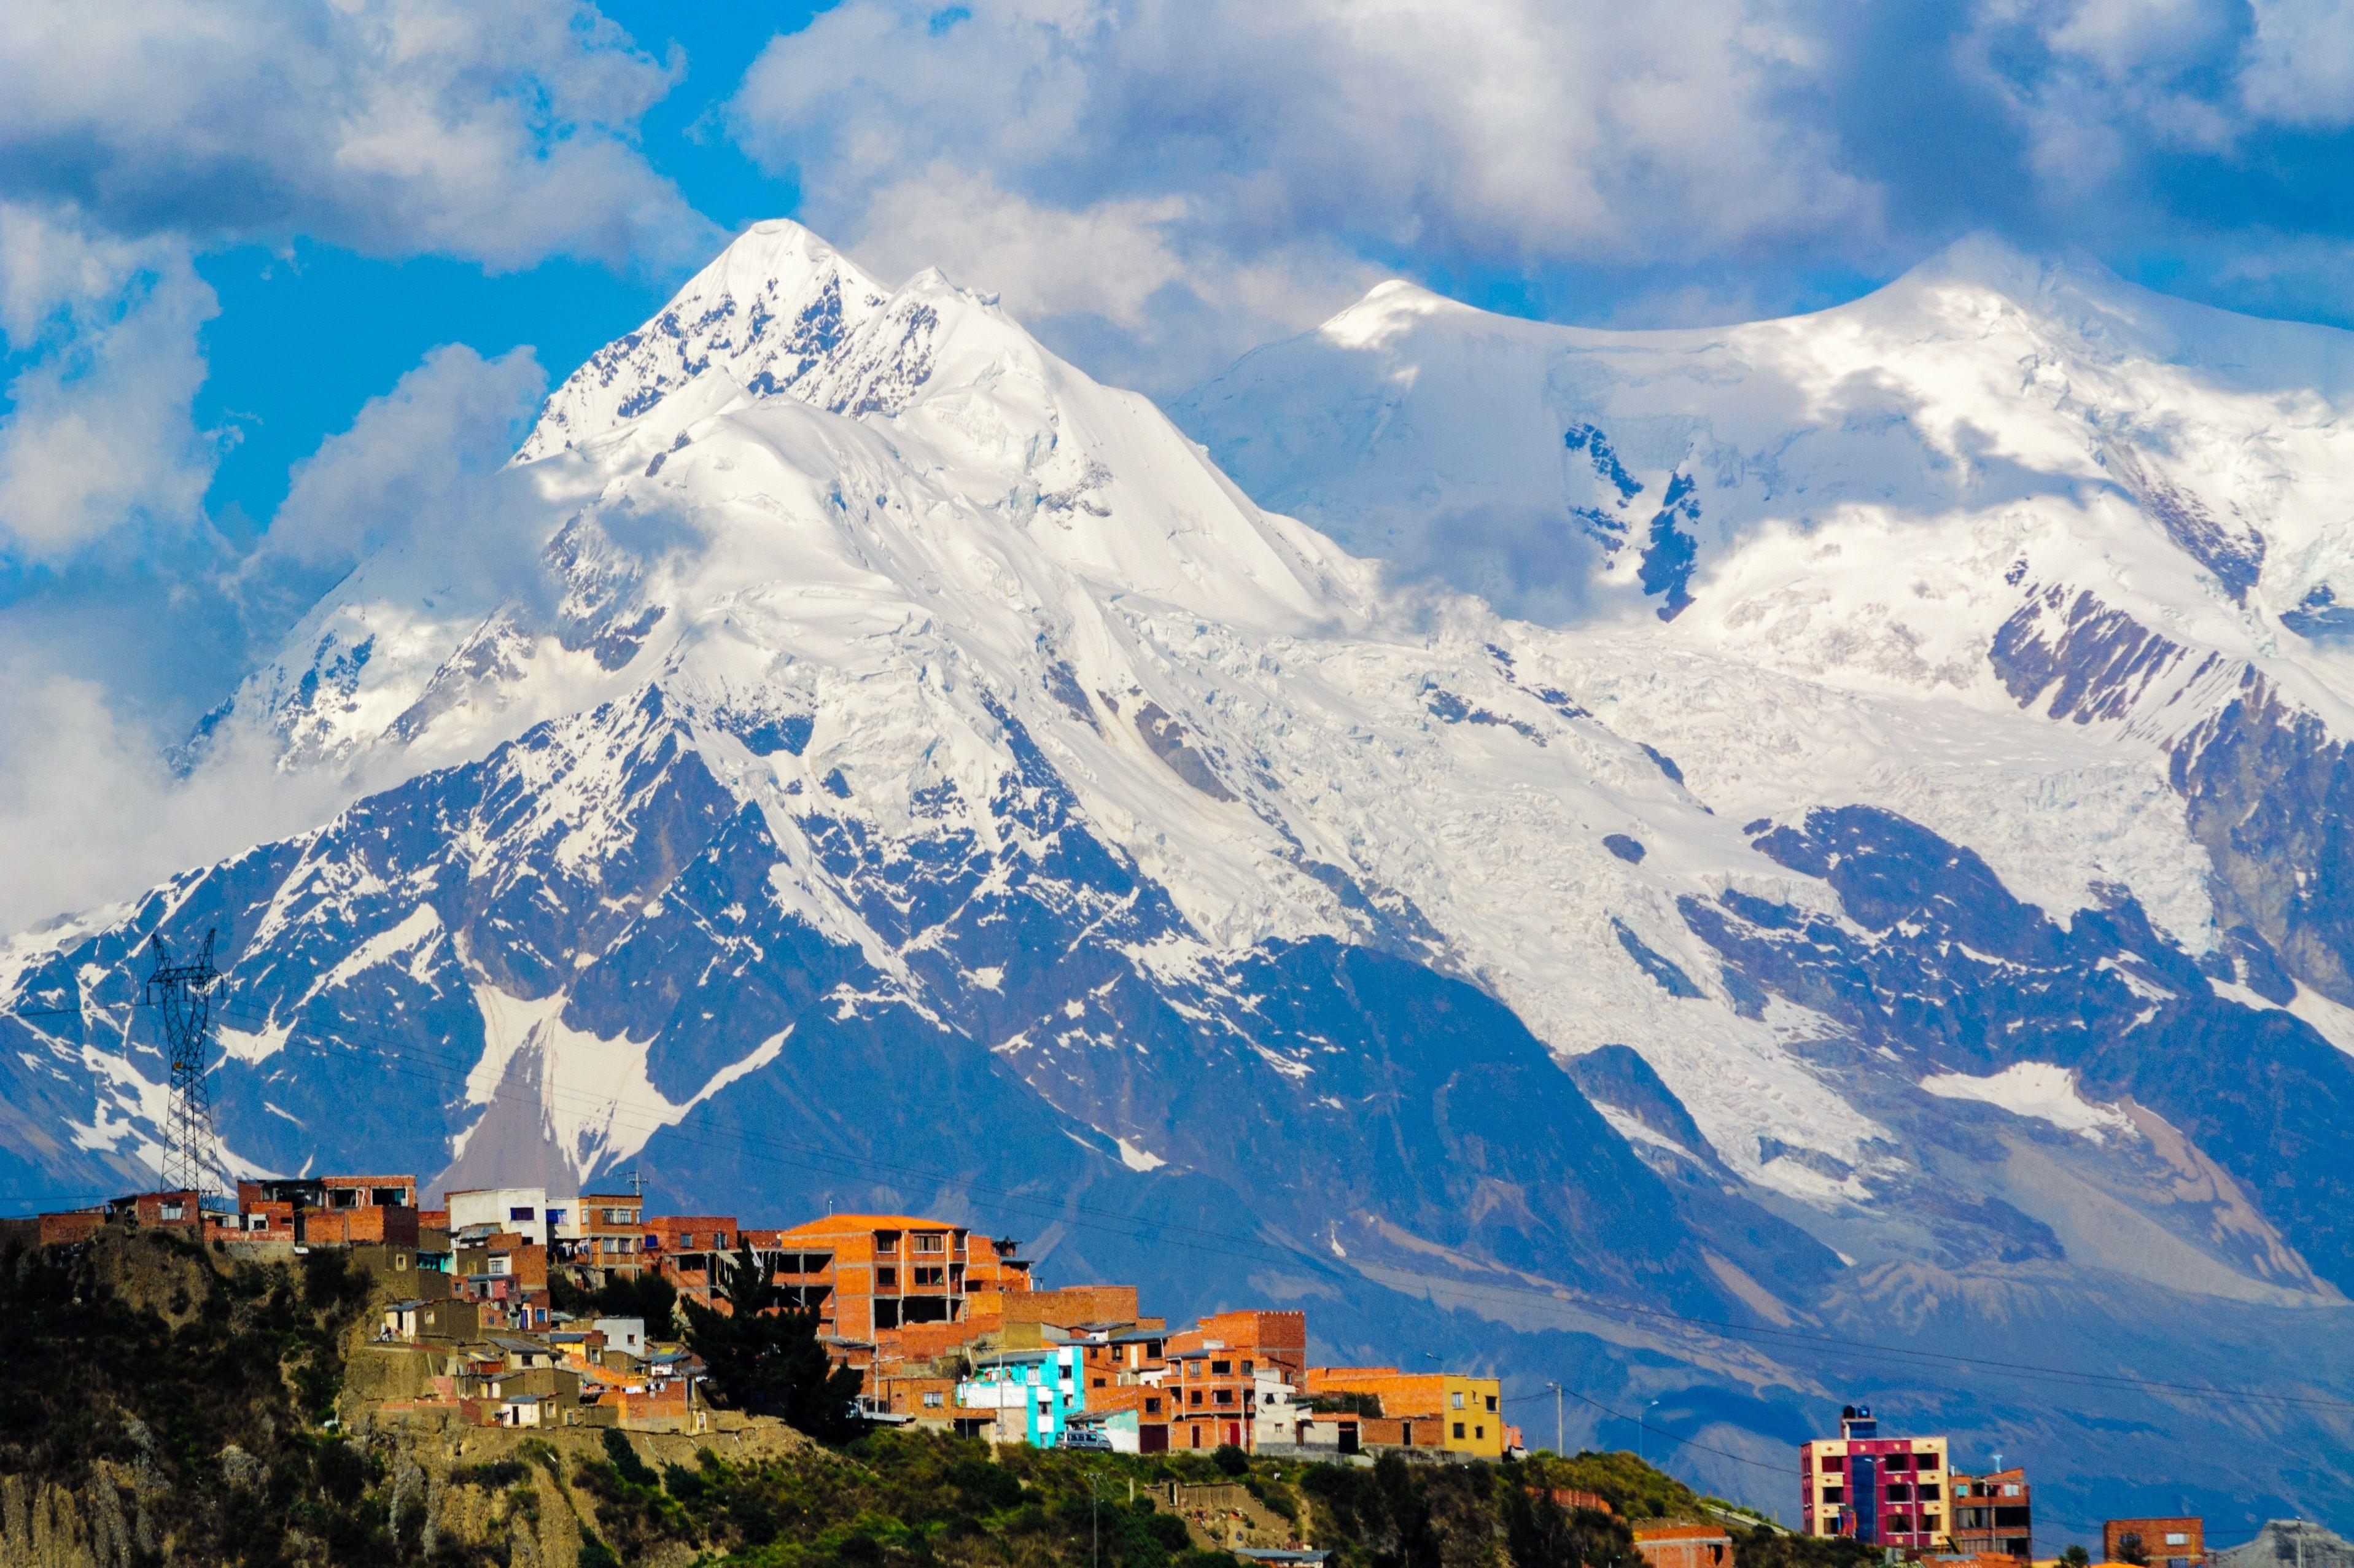 Le dieci destinazioni più convenienti del mondo secondo Lonely Planet